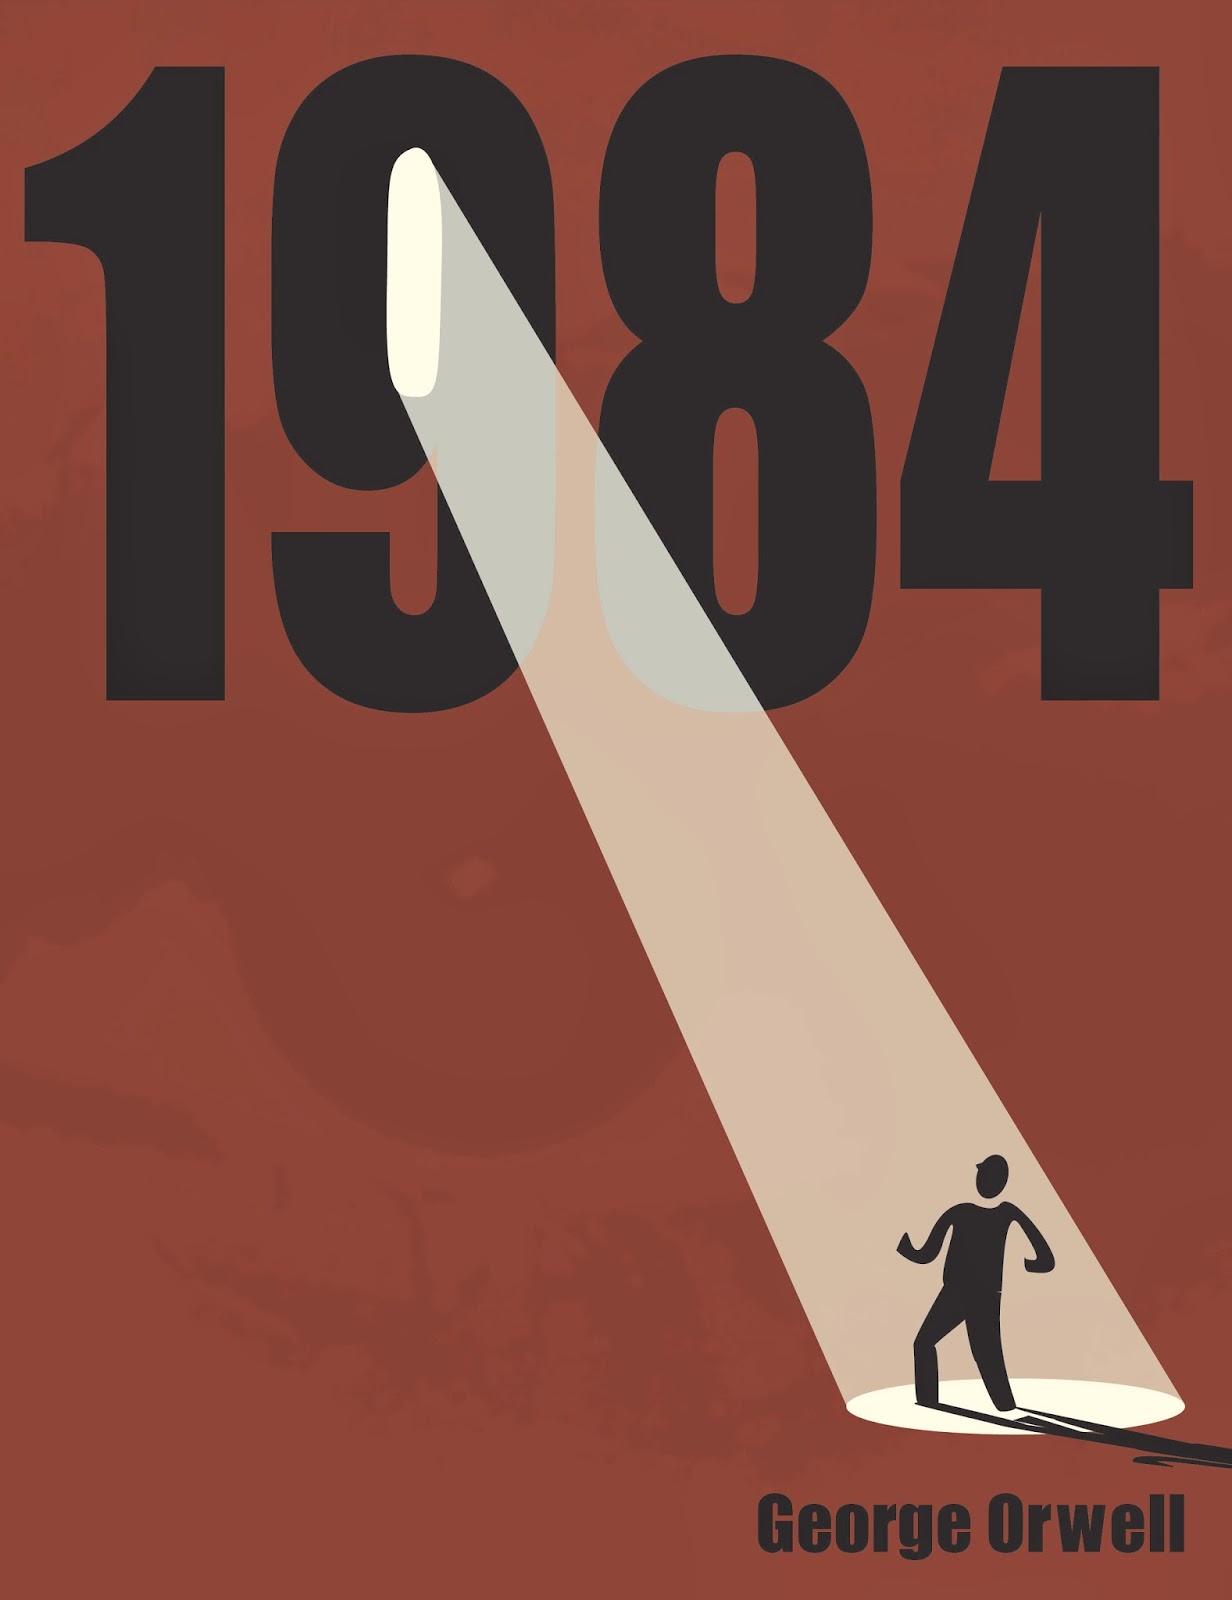 1984 ДЖОРДЖ ОРУЭЛЛ EPUB СКАЧАТЬ БЕСПЛАТНО